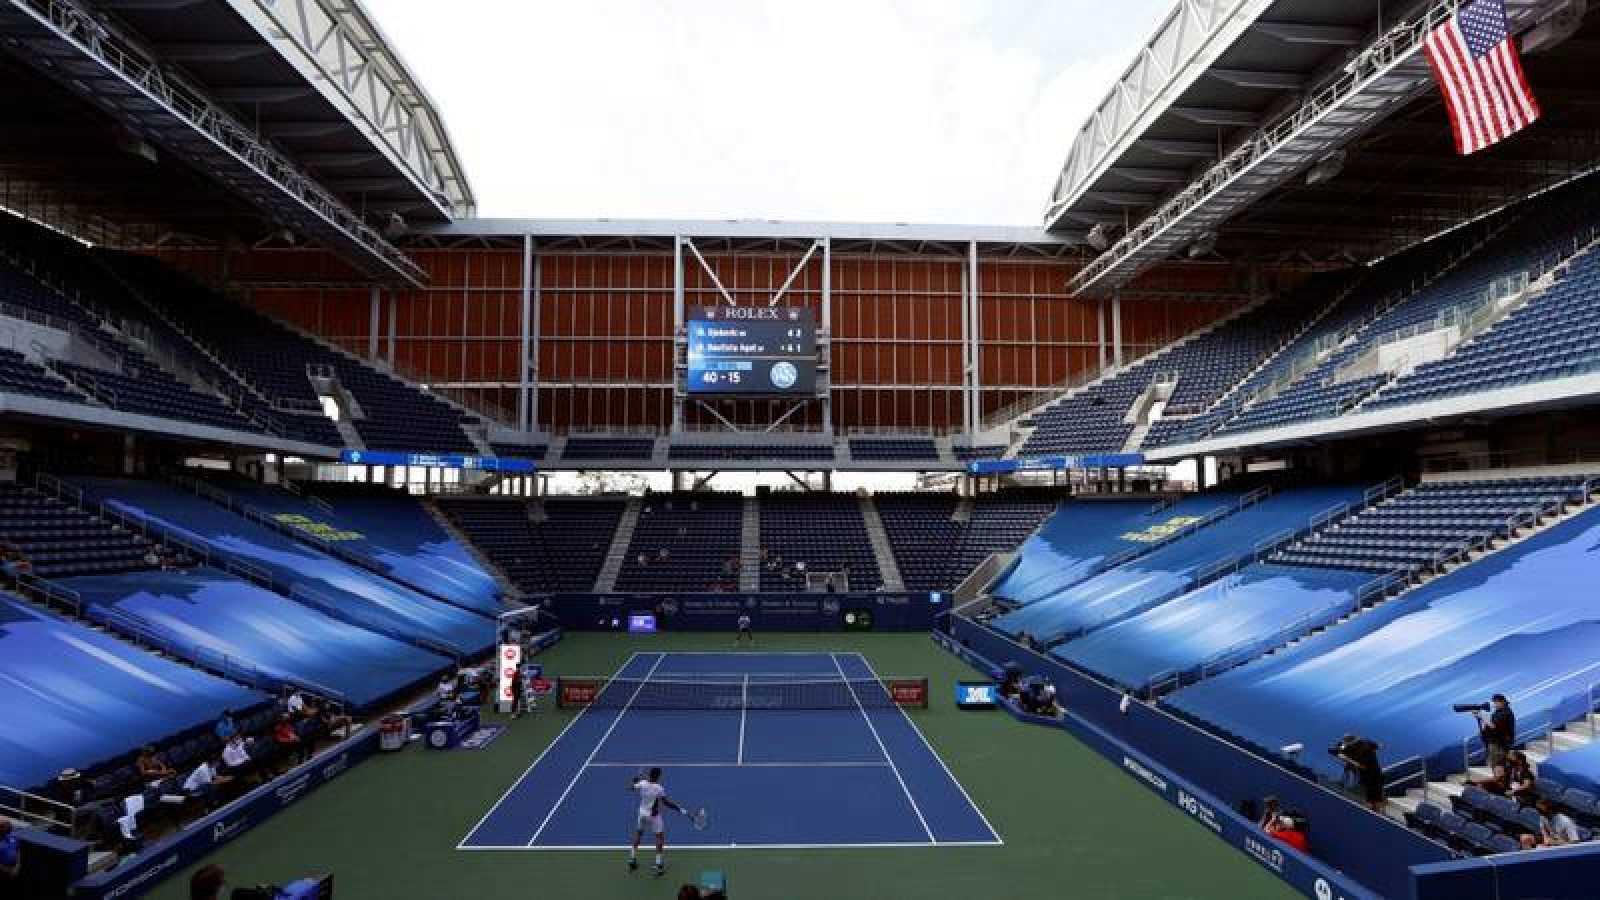 Imagen del encuentro entre Novak Djokovic y Roberto Bautista en el Masters 1000 de Cincinnati.